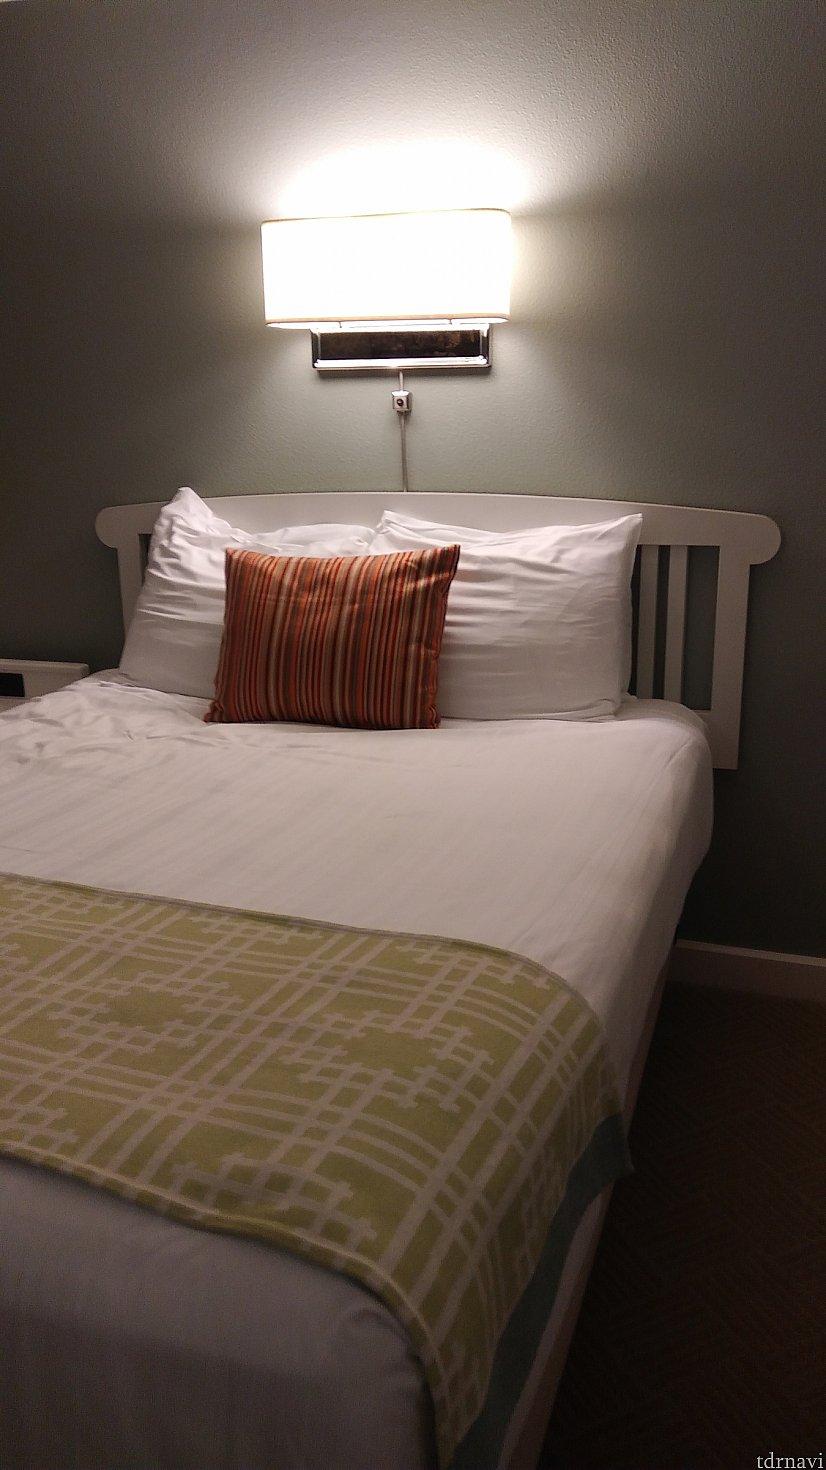 お部屋はデラックススタジオなので、クイーンサイズのベッドとソファーベッドがあります。